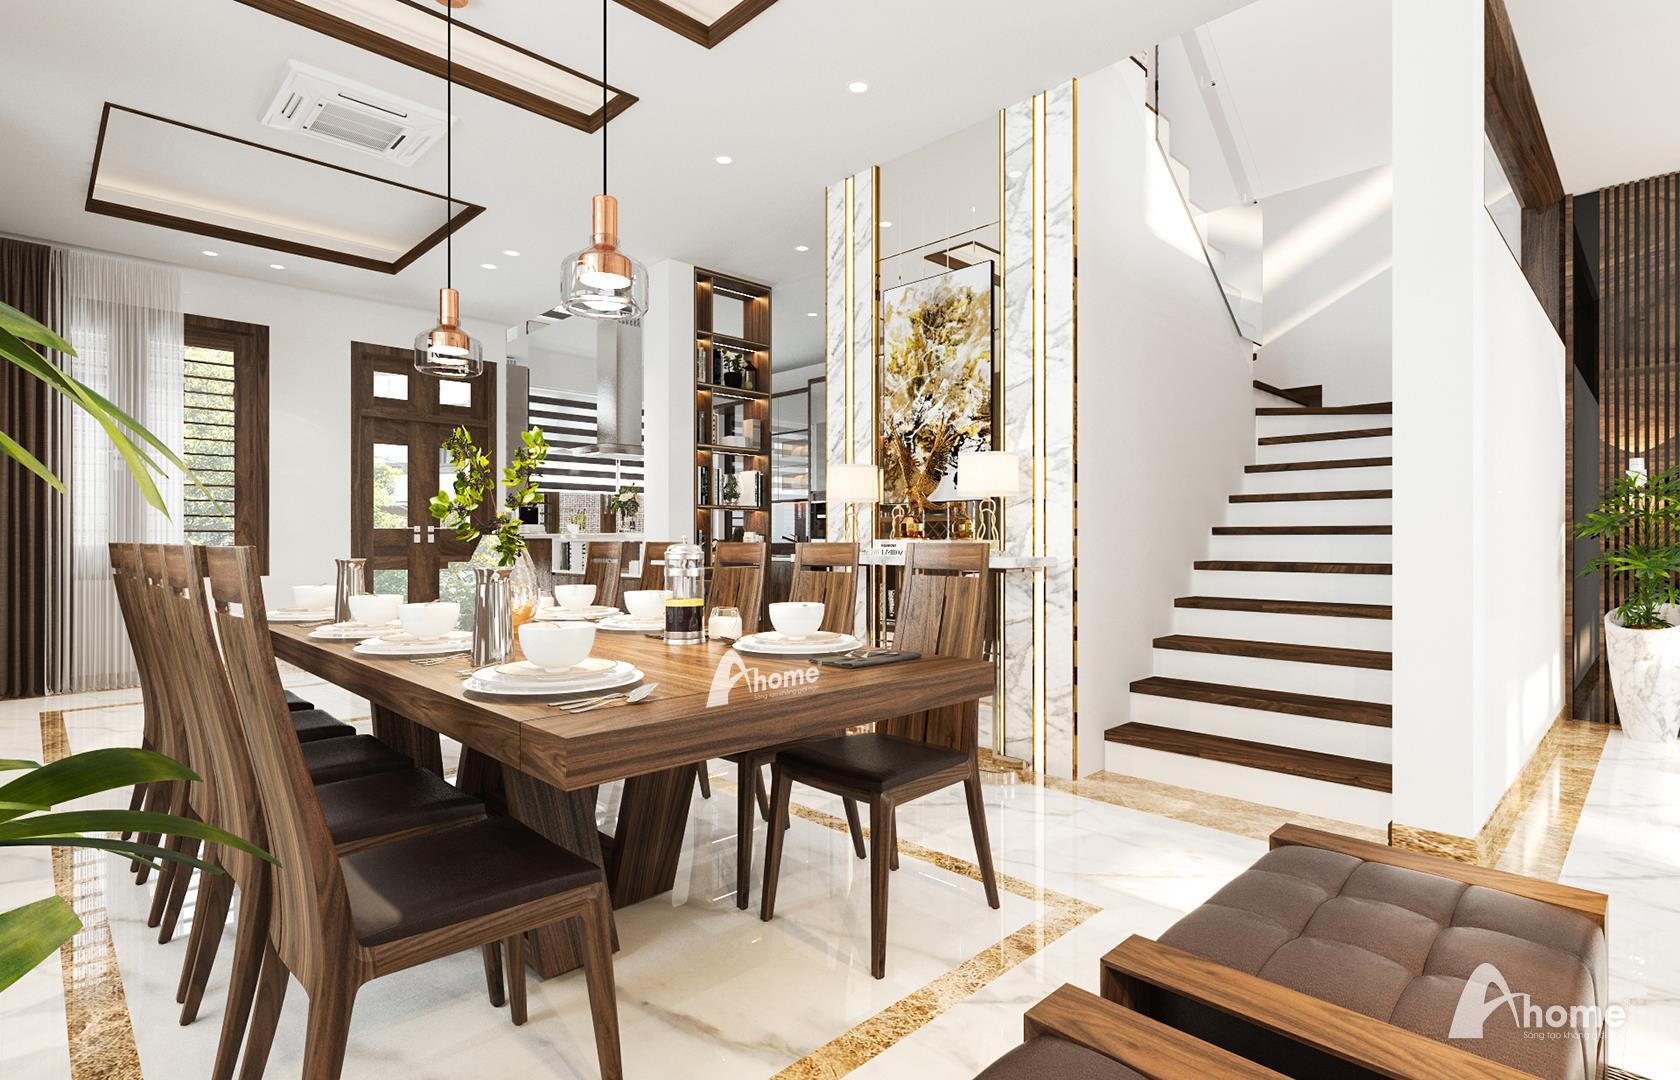 Nội thất gỗ óc chó Ahome khơi gợi cảm hứng hiện đại, tiện nghi và sang trọng cho không gian gia đình - Ảnh 2.